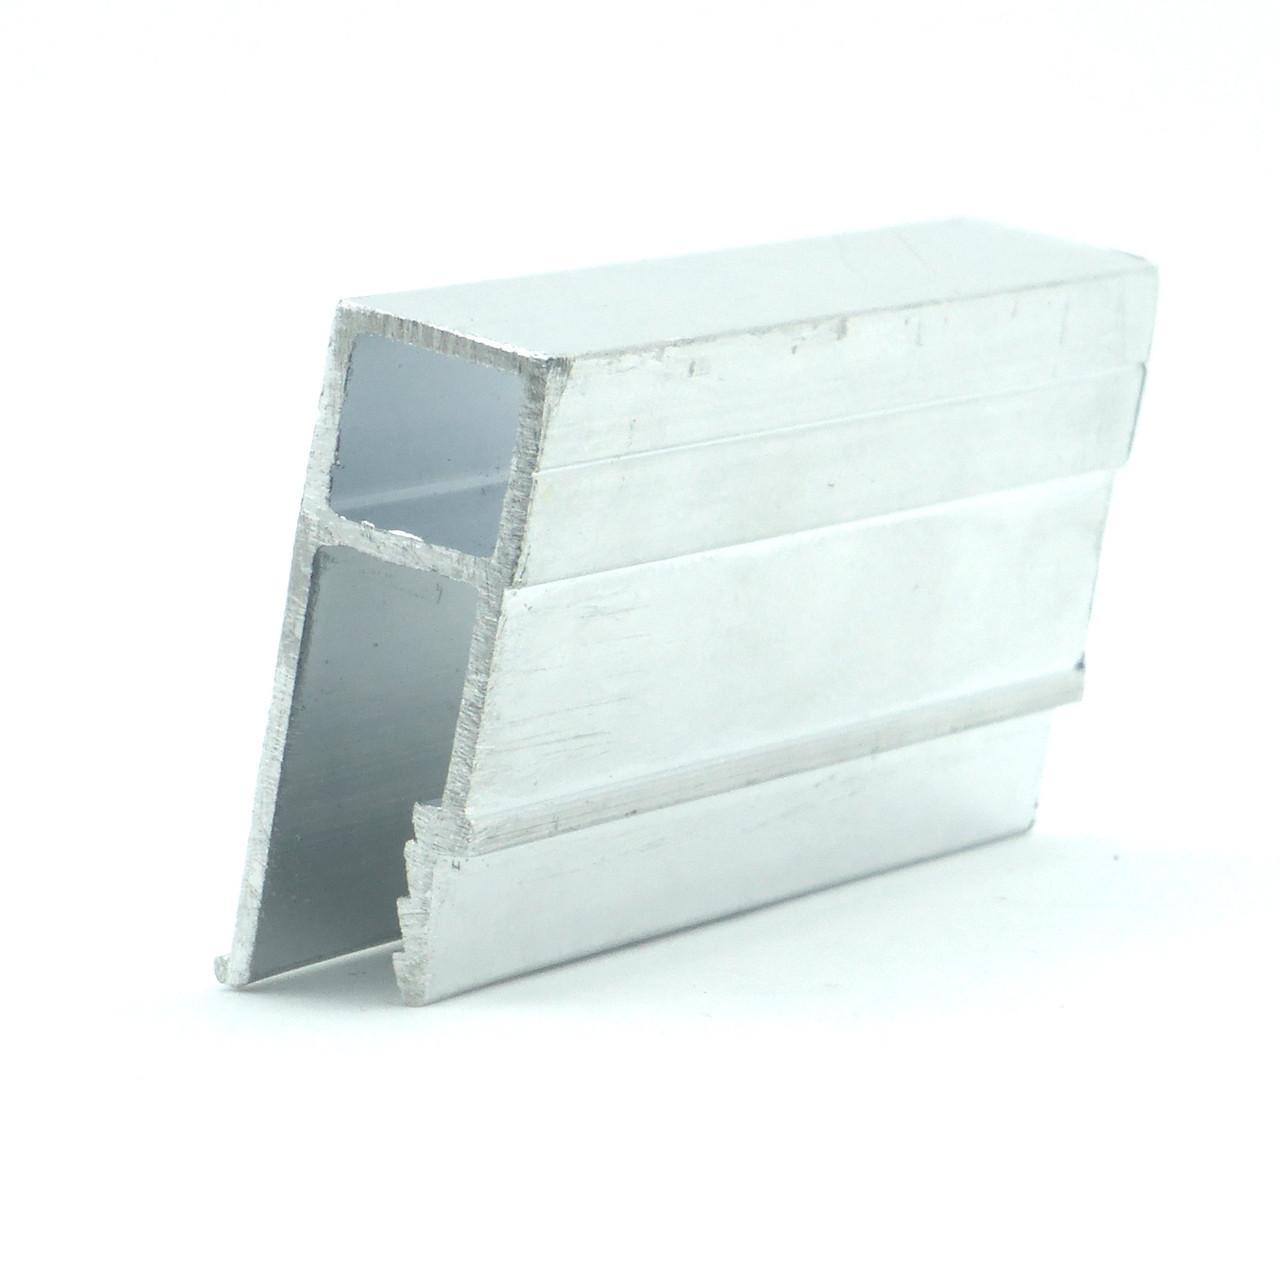 Профиль алюминиевый для натяжных потолков - П-образный. Длина профиля 2,5 м.